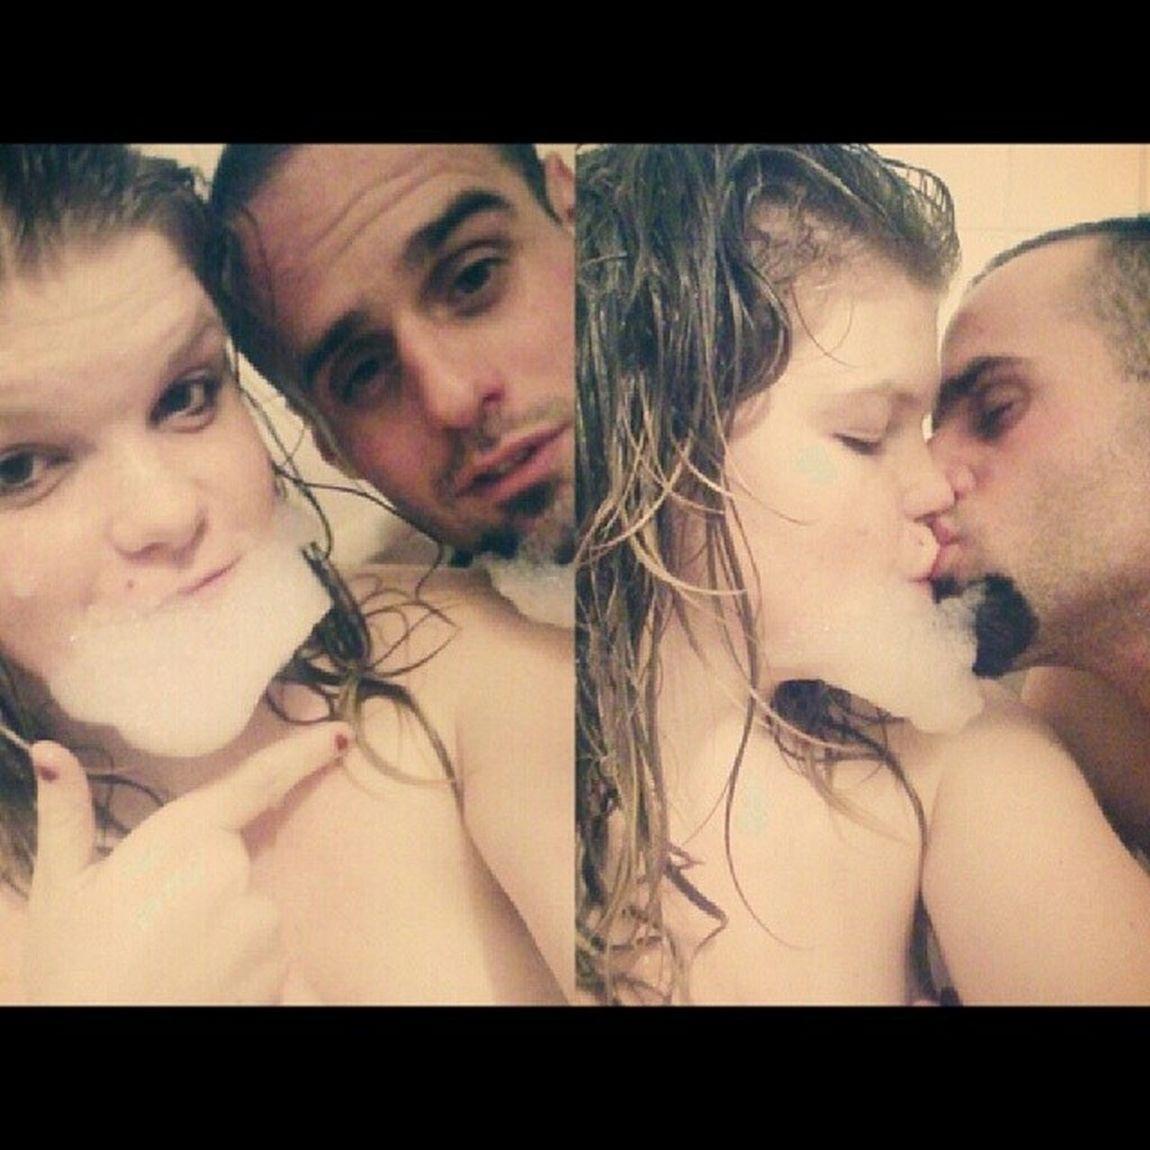 bath time :) rubadubdub. Bathtime Rubadubdub Boyfie Boyfriend us bubbles mustache werecute kisses myboo boothang